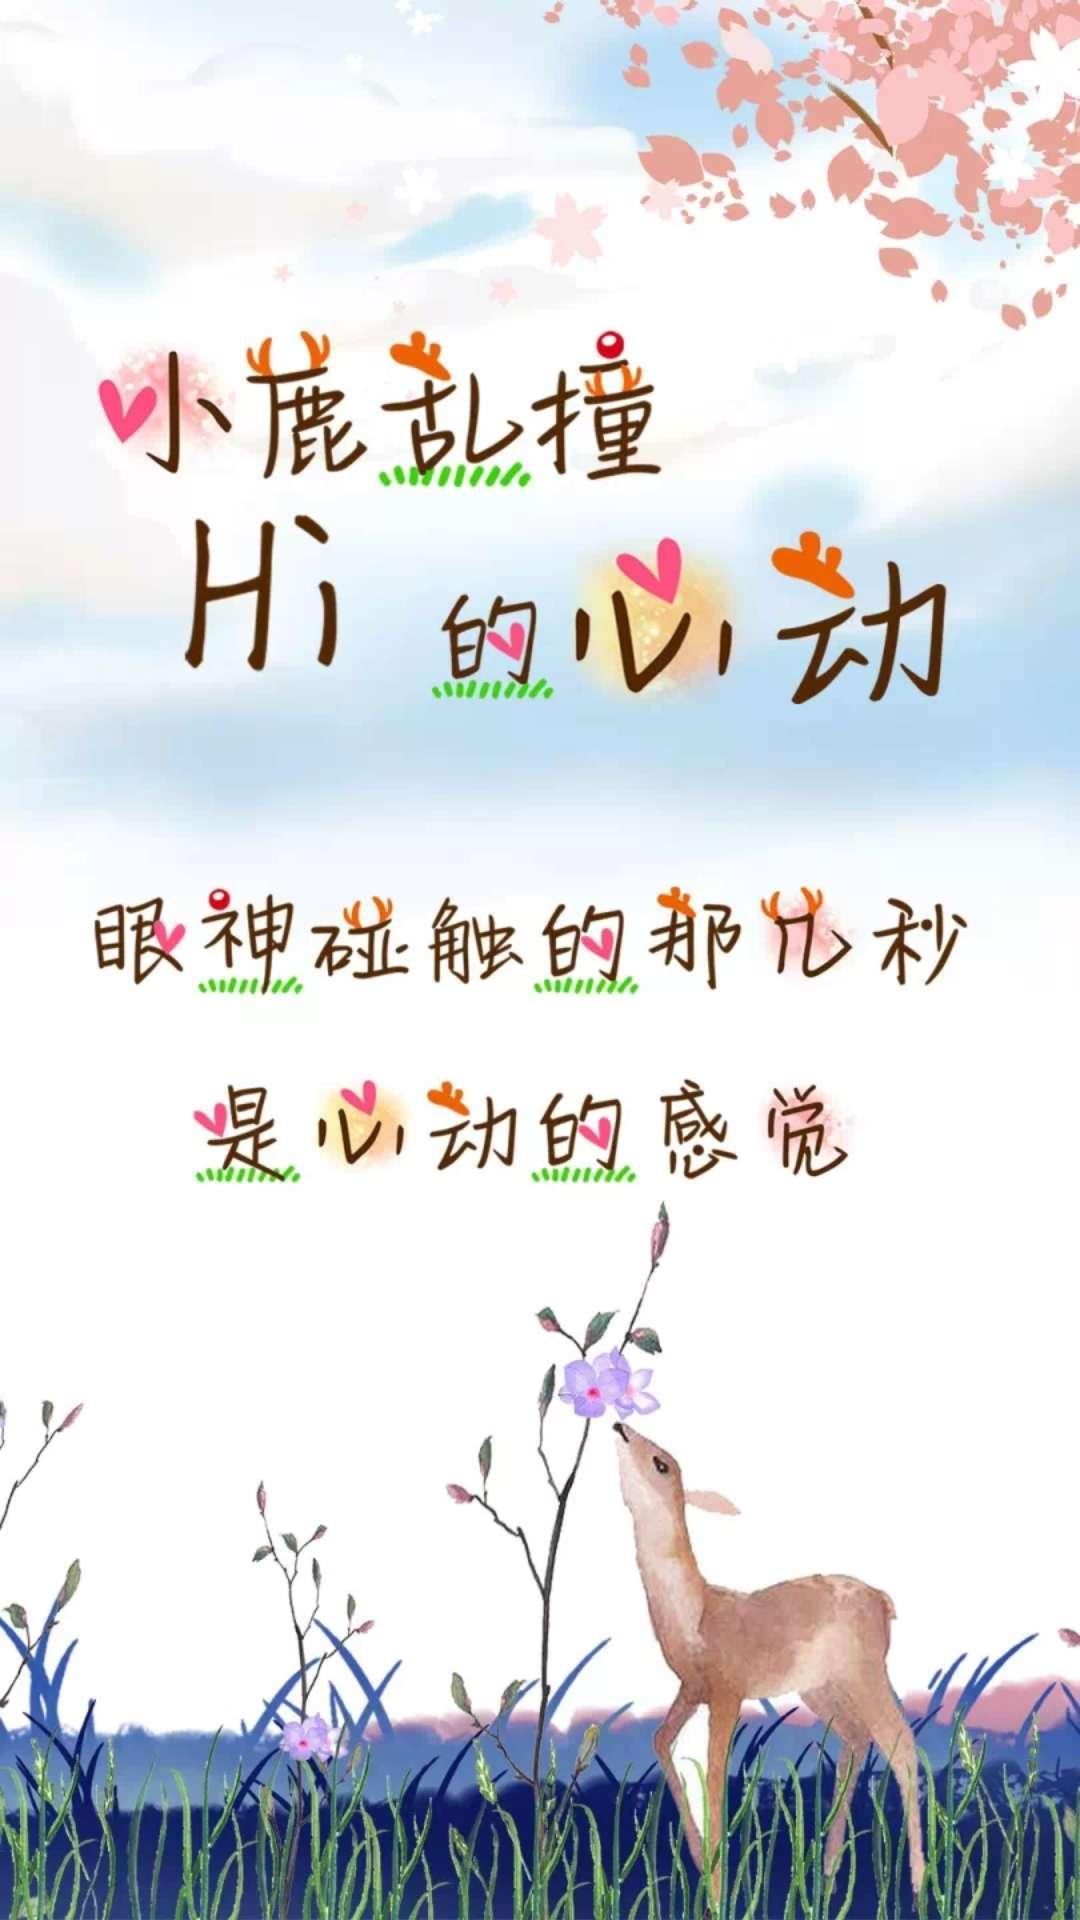 【字体】OPPO直装字体《小鹿乱撞的心动》-100tui.cn